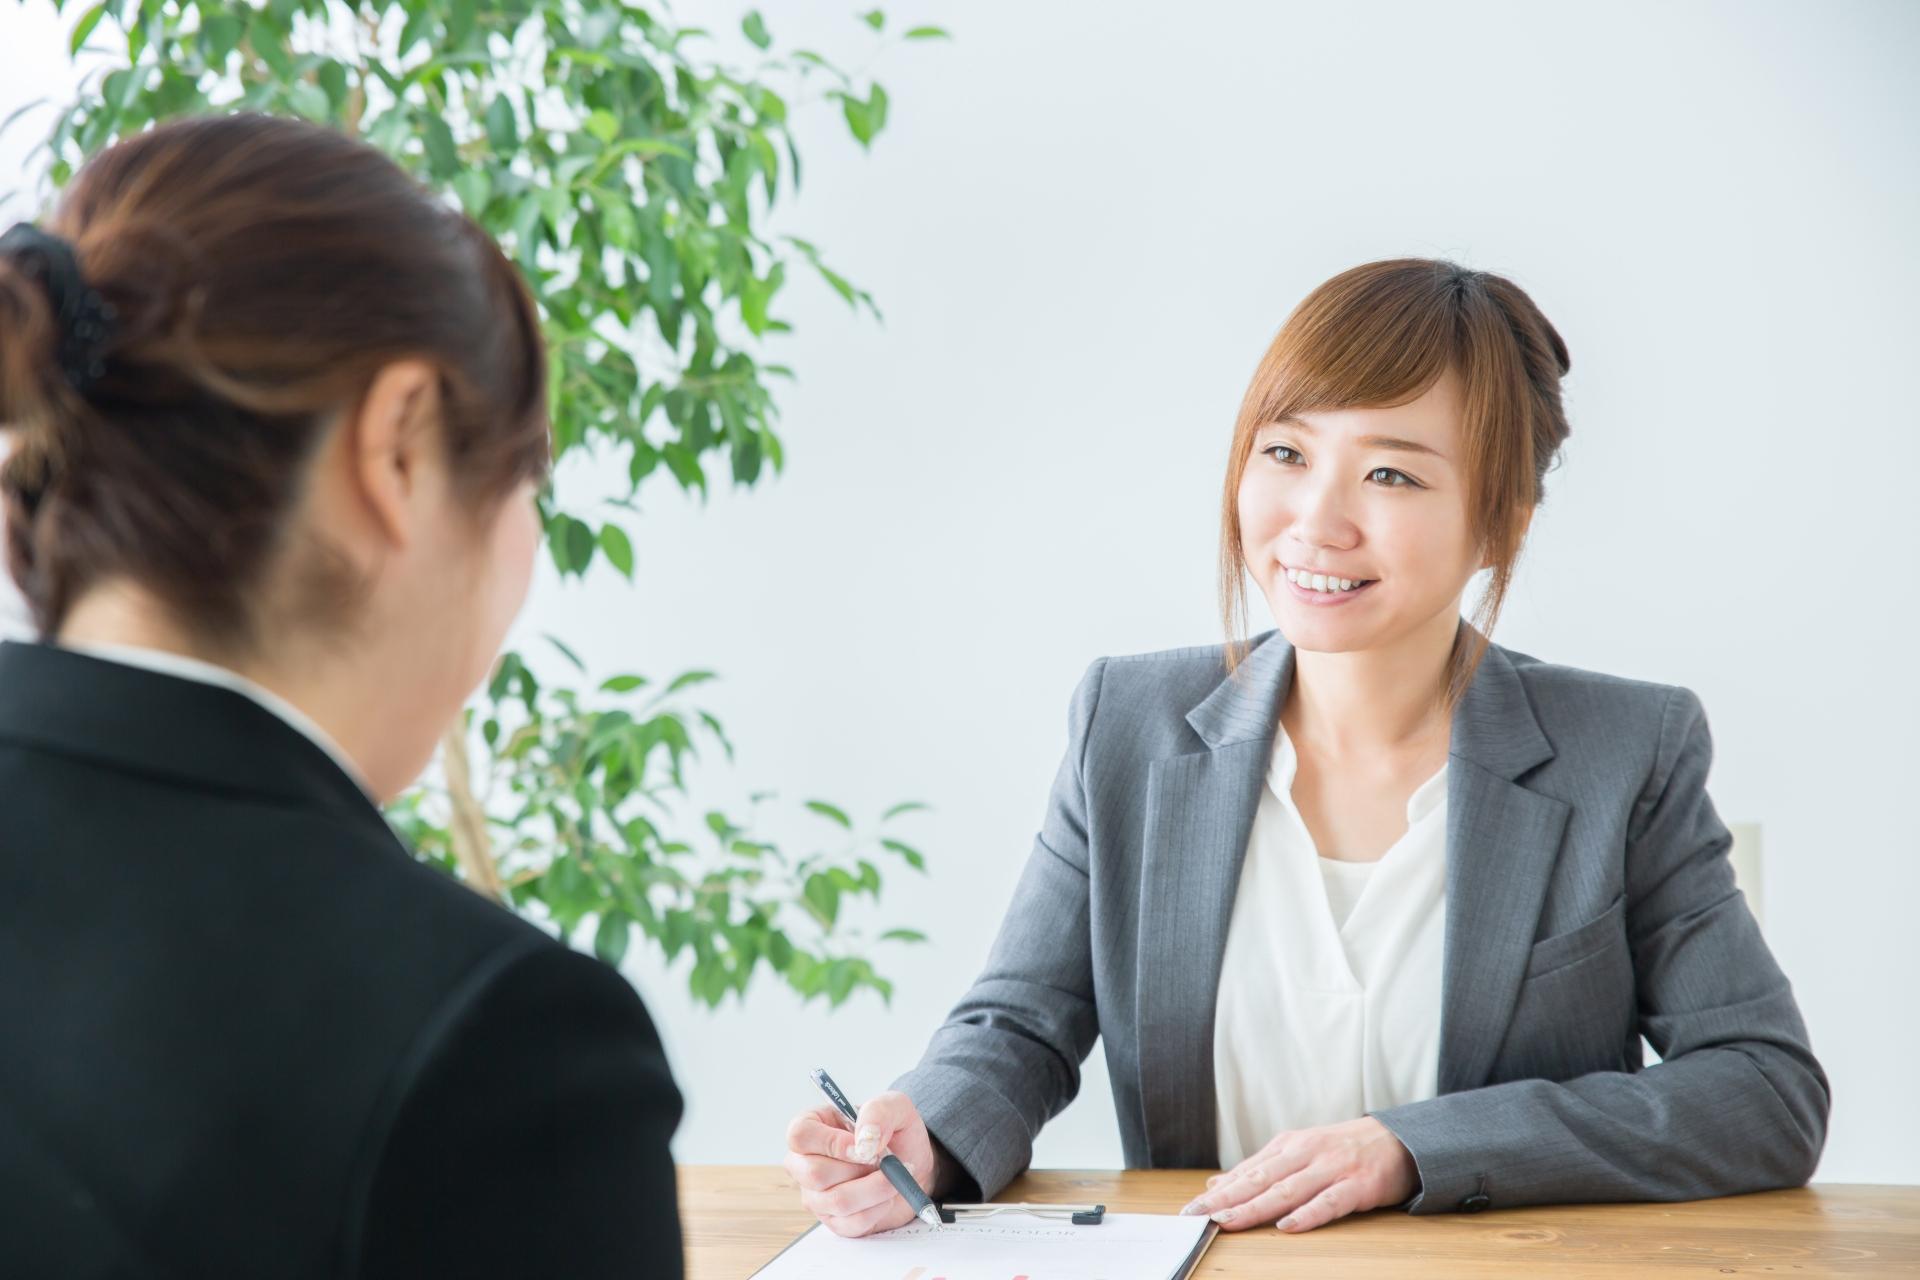 転職先で退職理由を聞かれたらどうする?上手く伝えるためのポイント